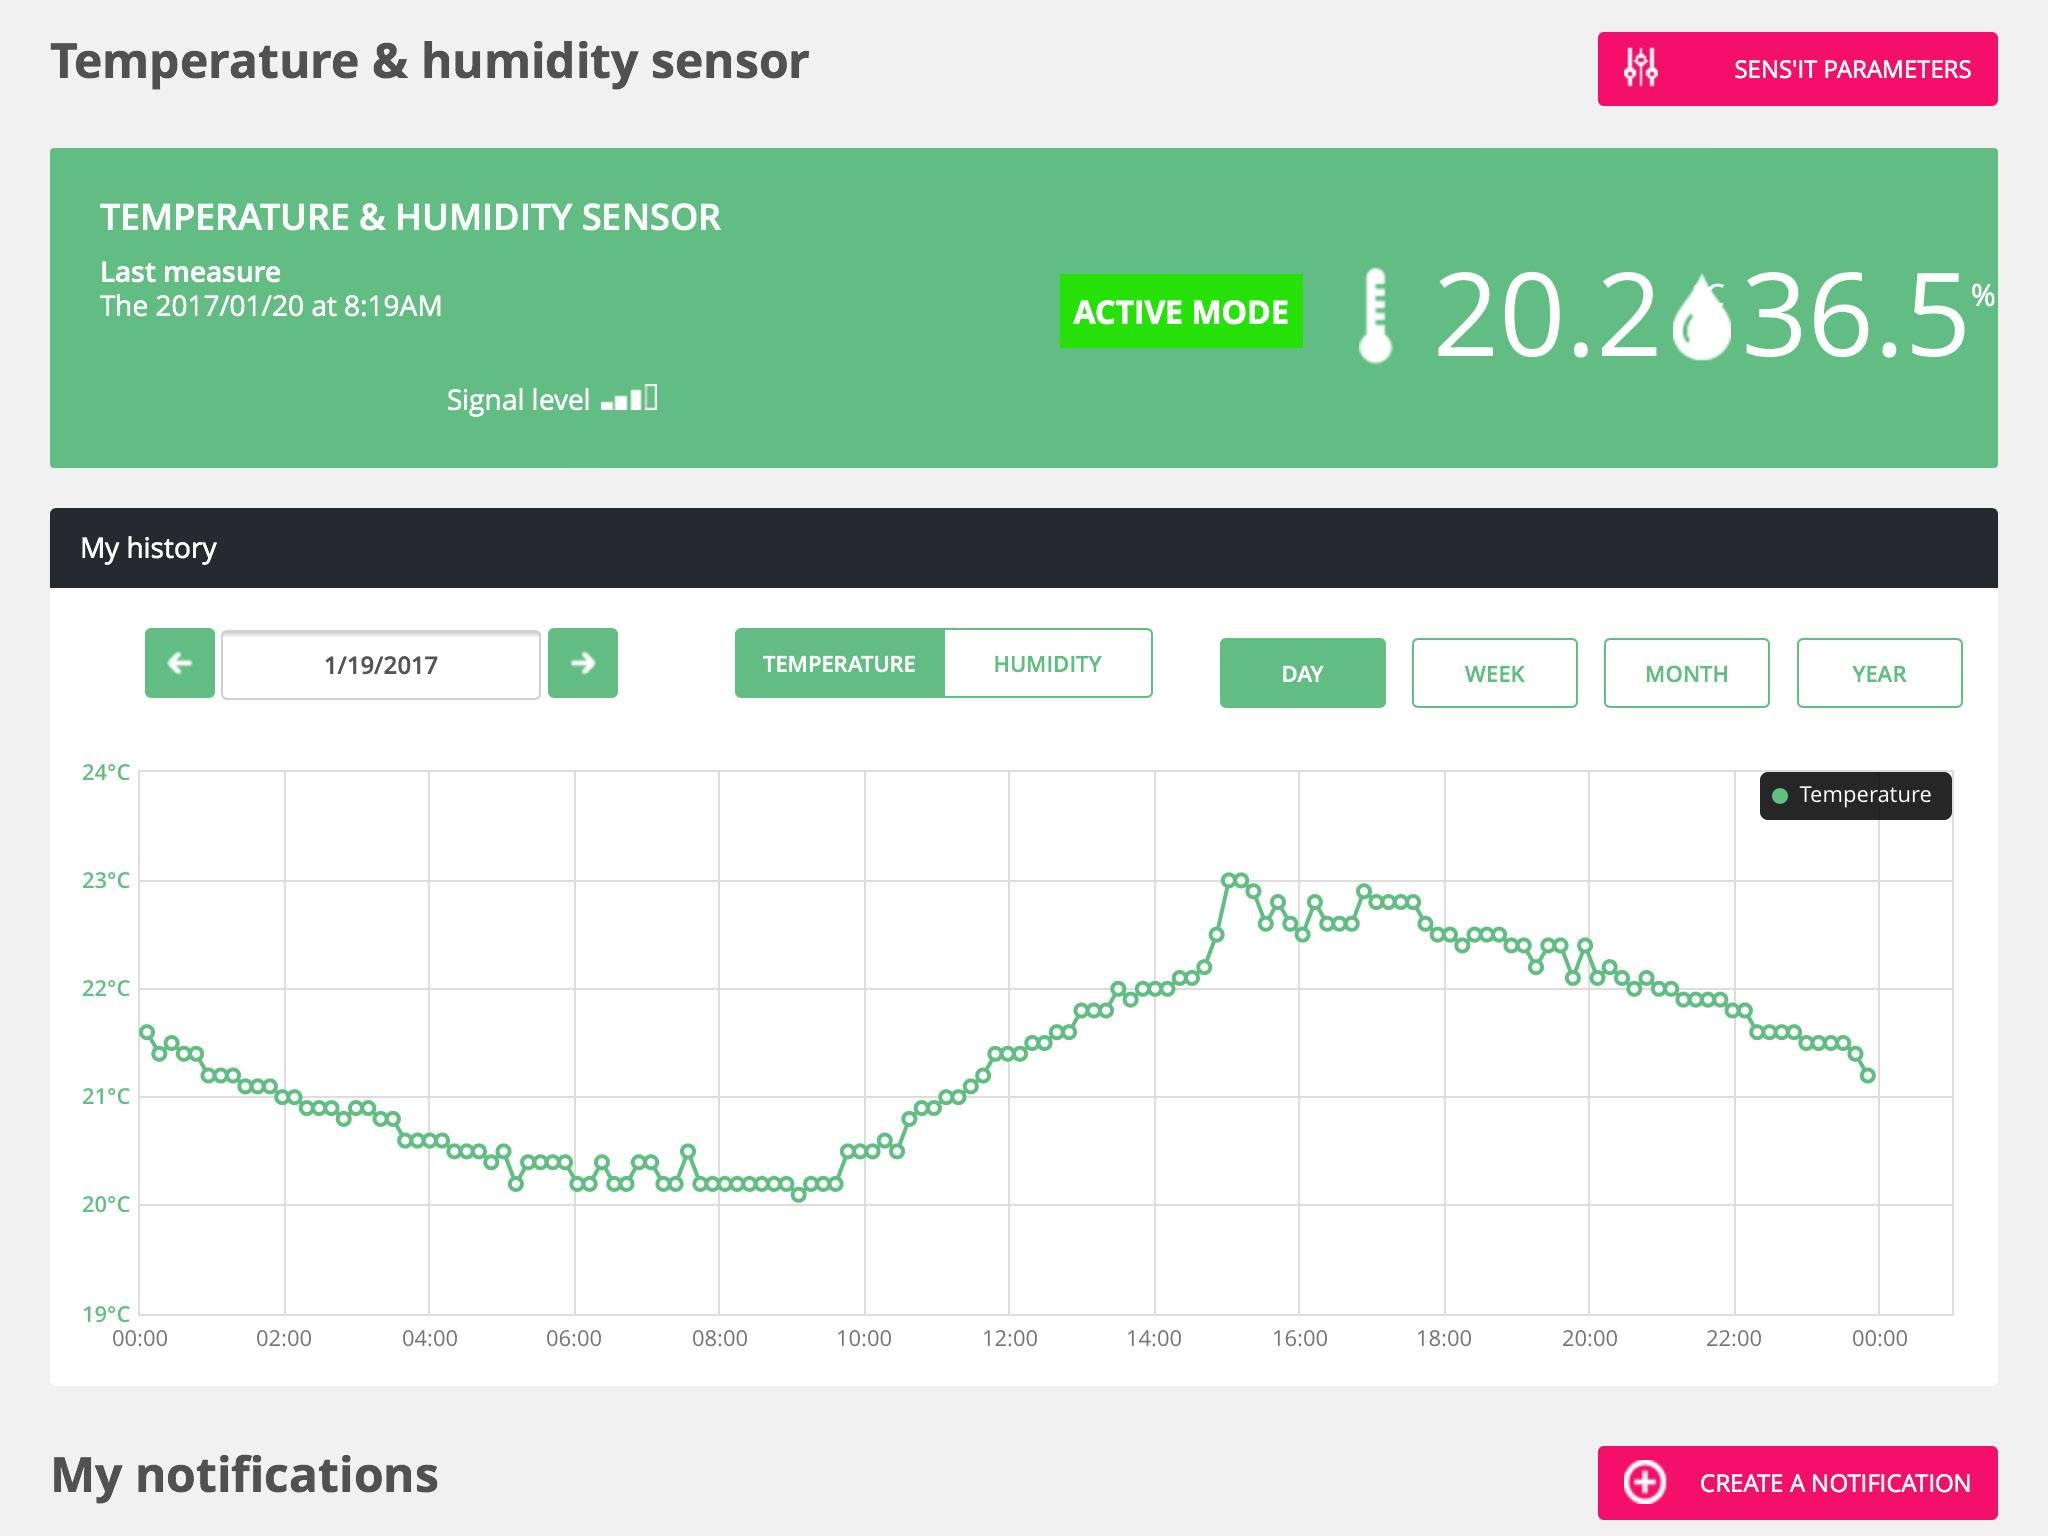 Senzorový modul Sens'it Sens'it 2.0